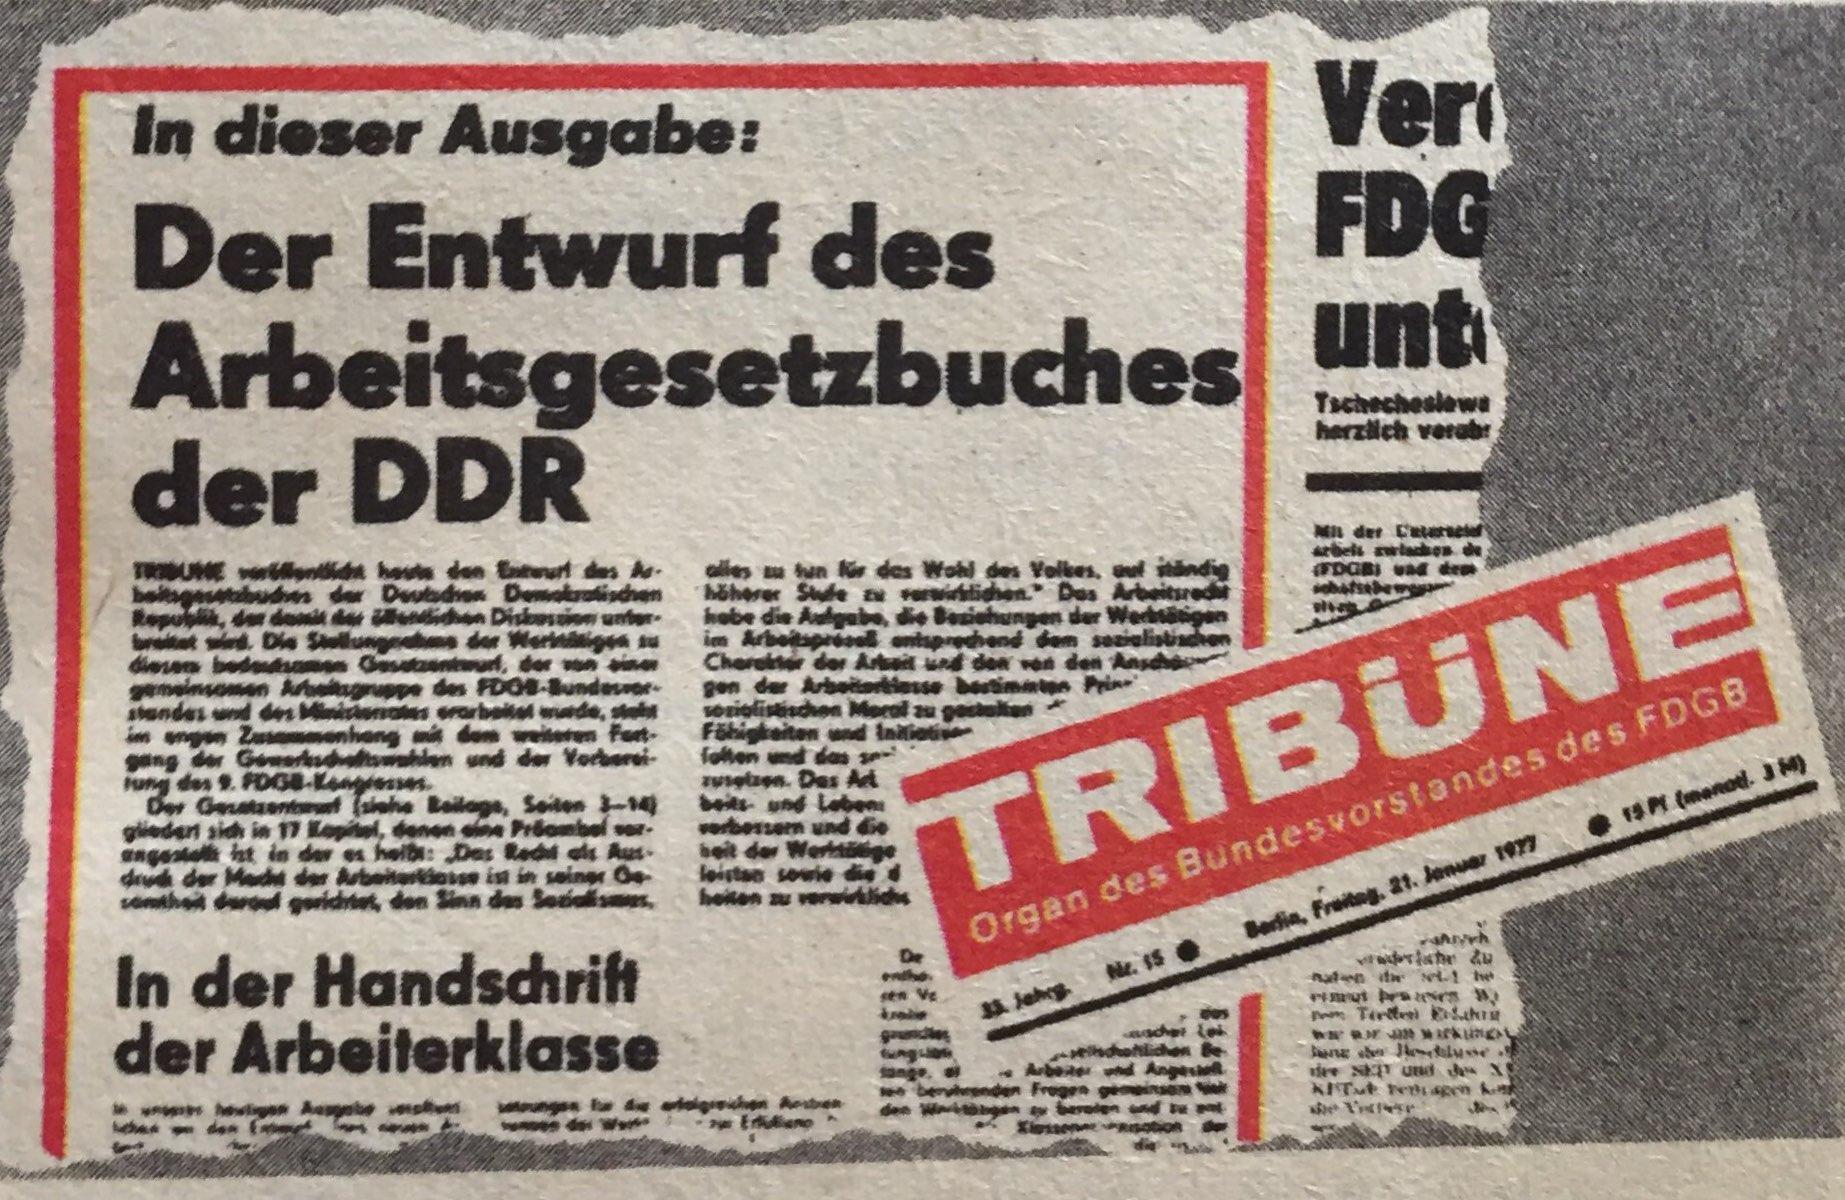 Meldung Entwurf AGB DDR